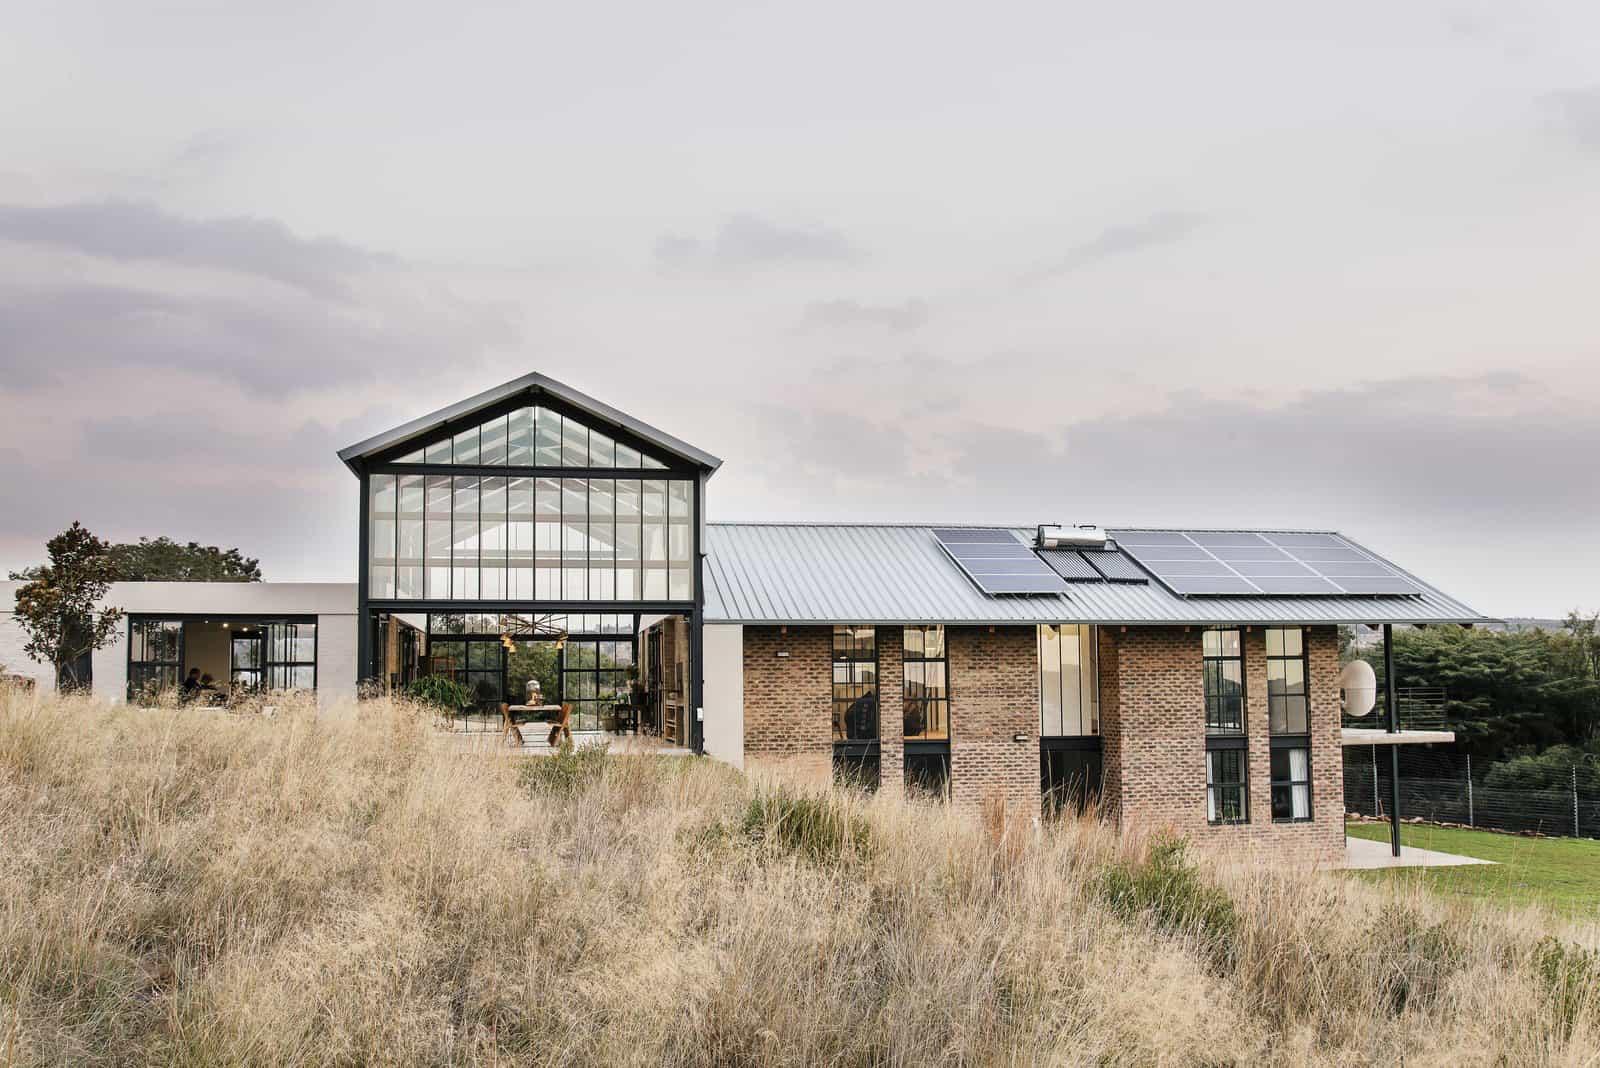 suvremena-seoska kuća-eksterijer